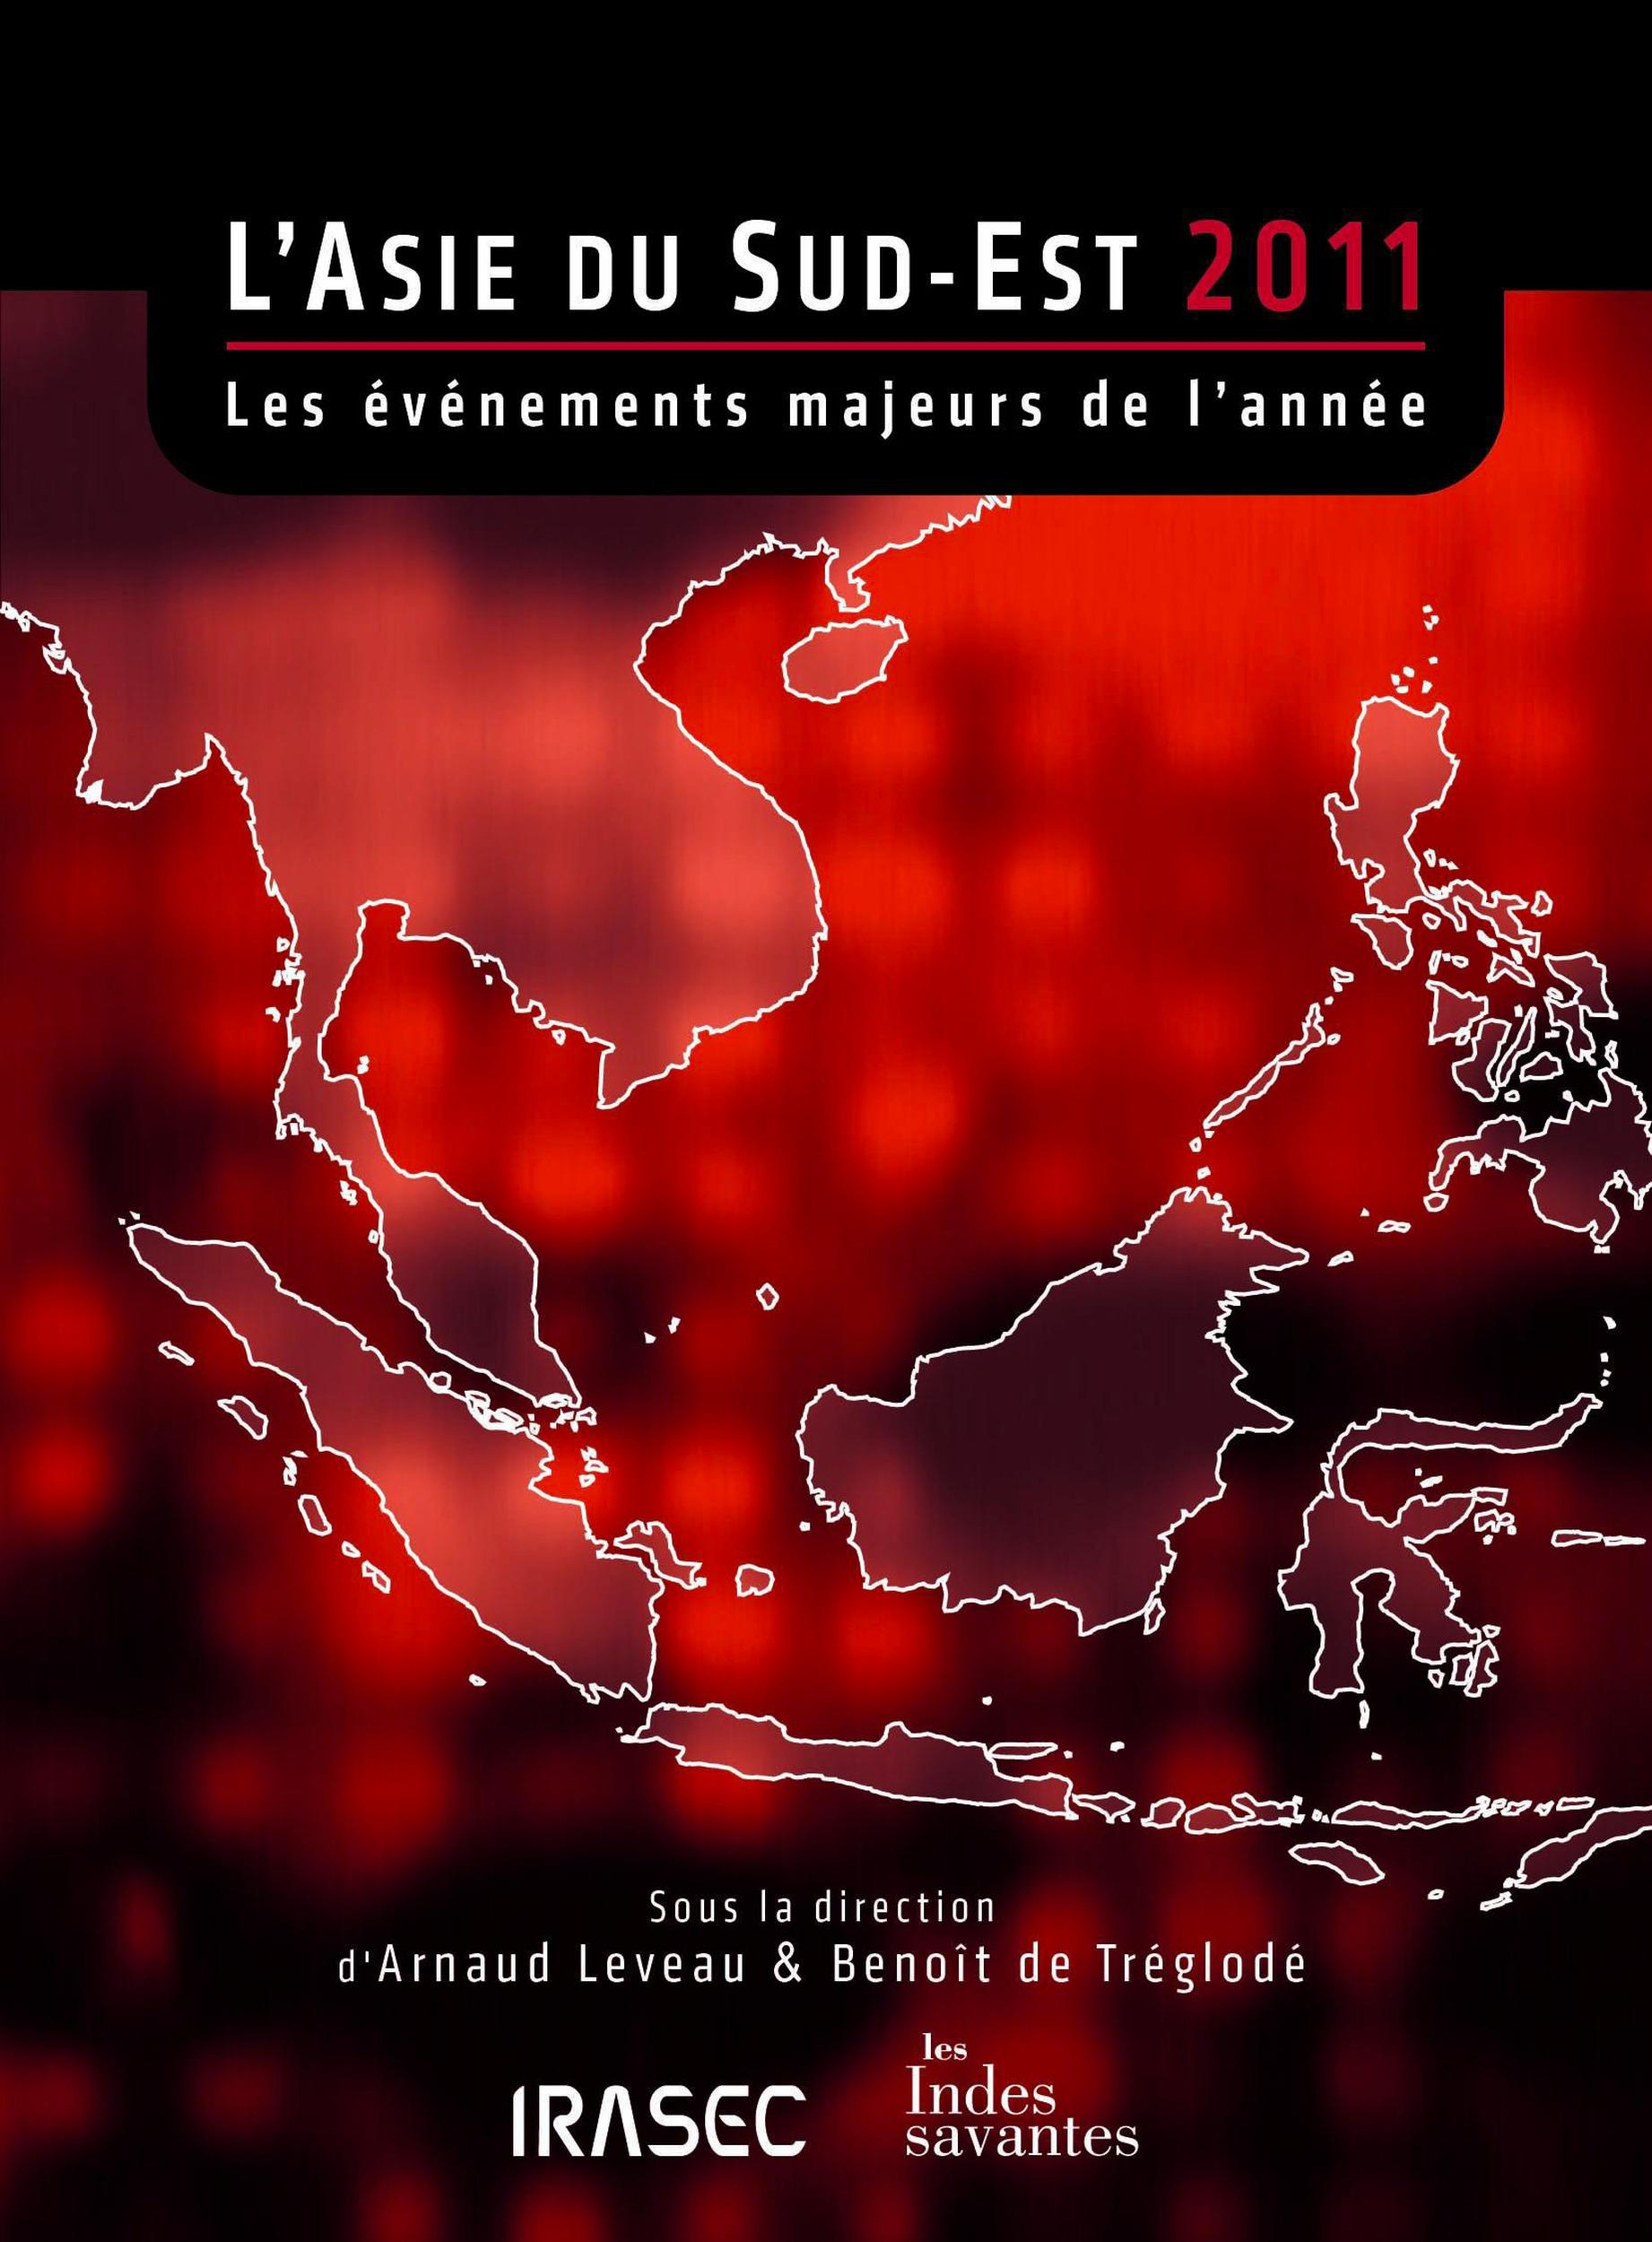 L'Asie du Sud-Est 2011